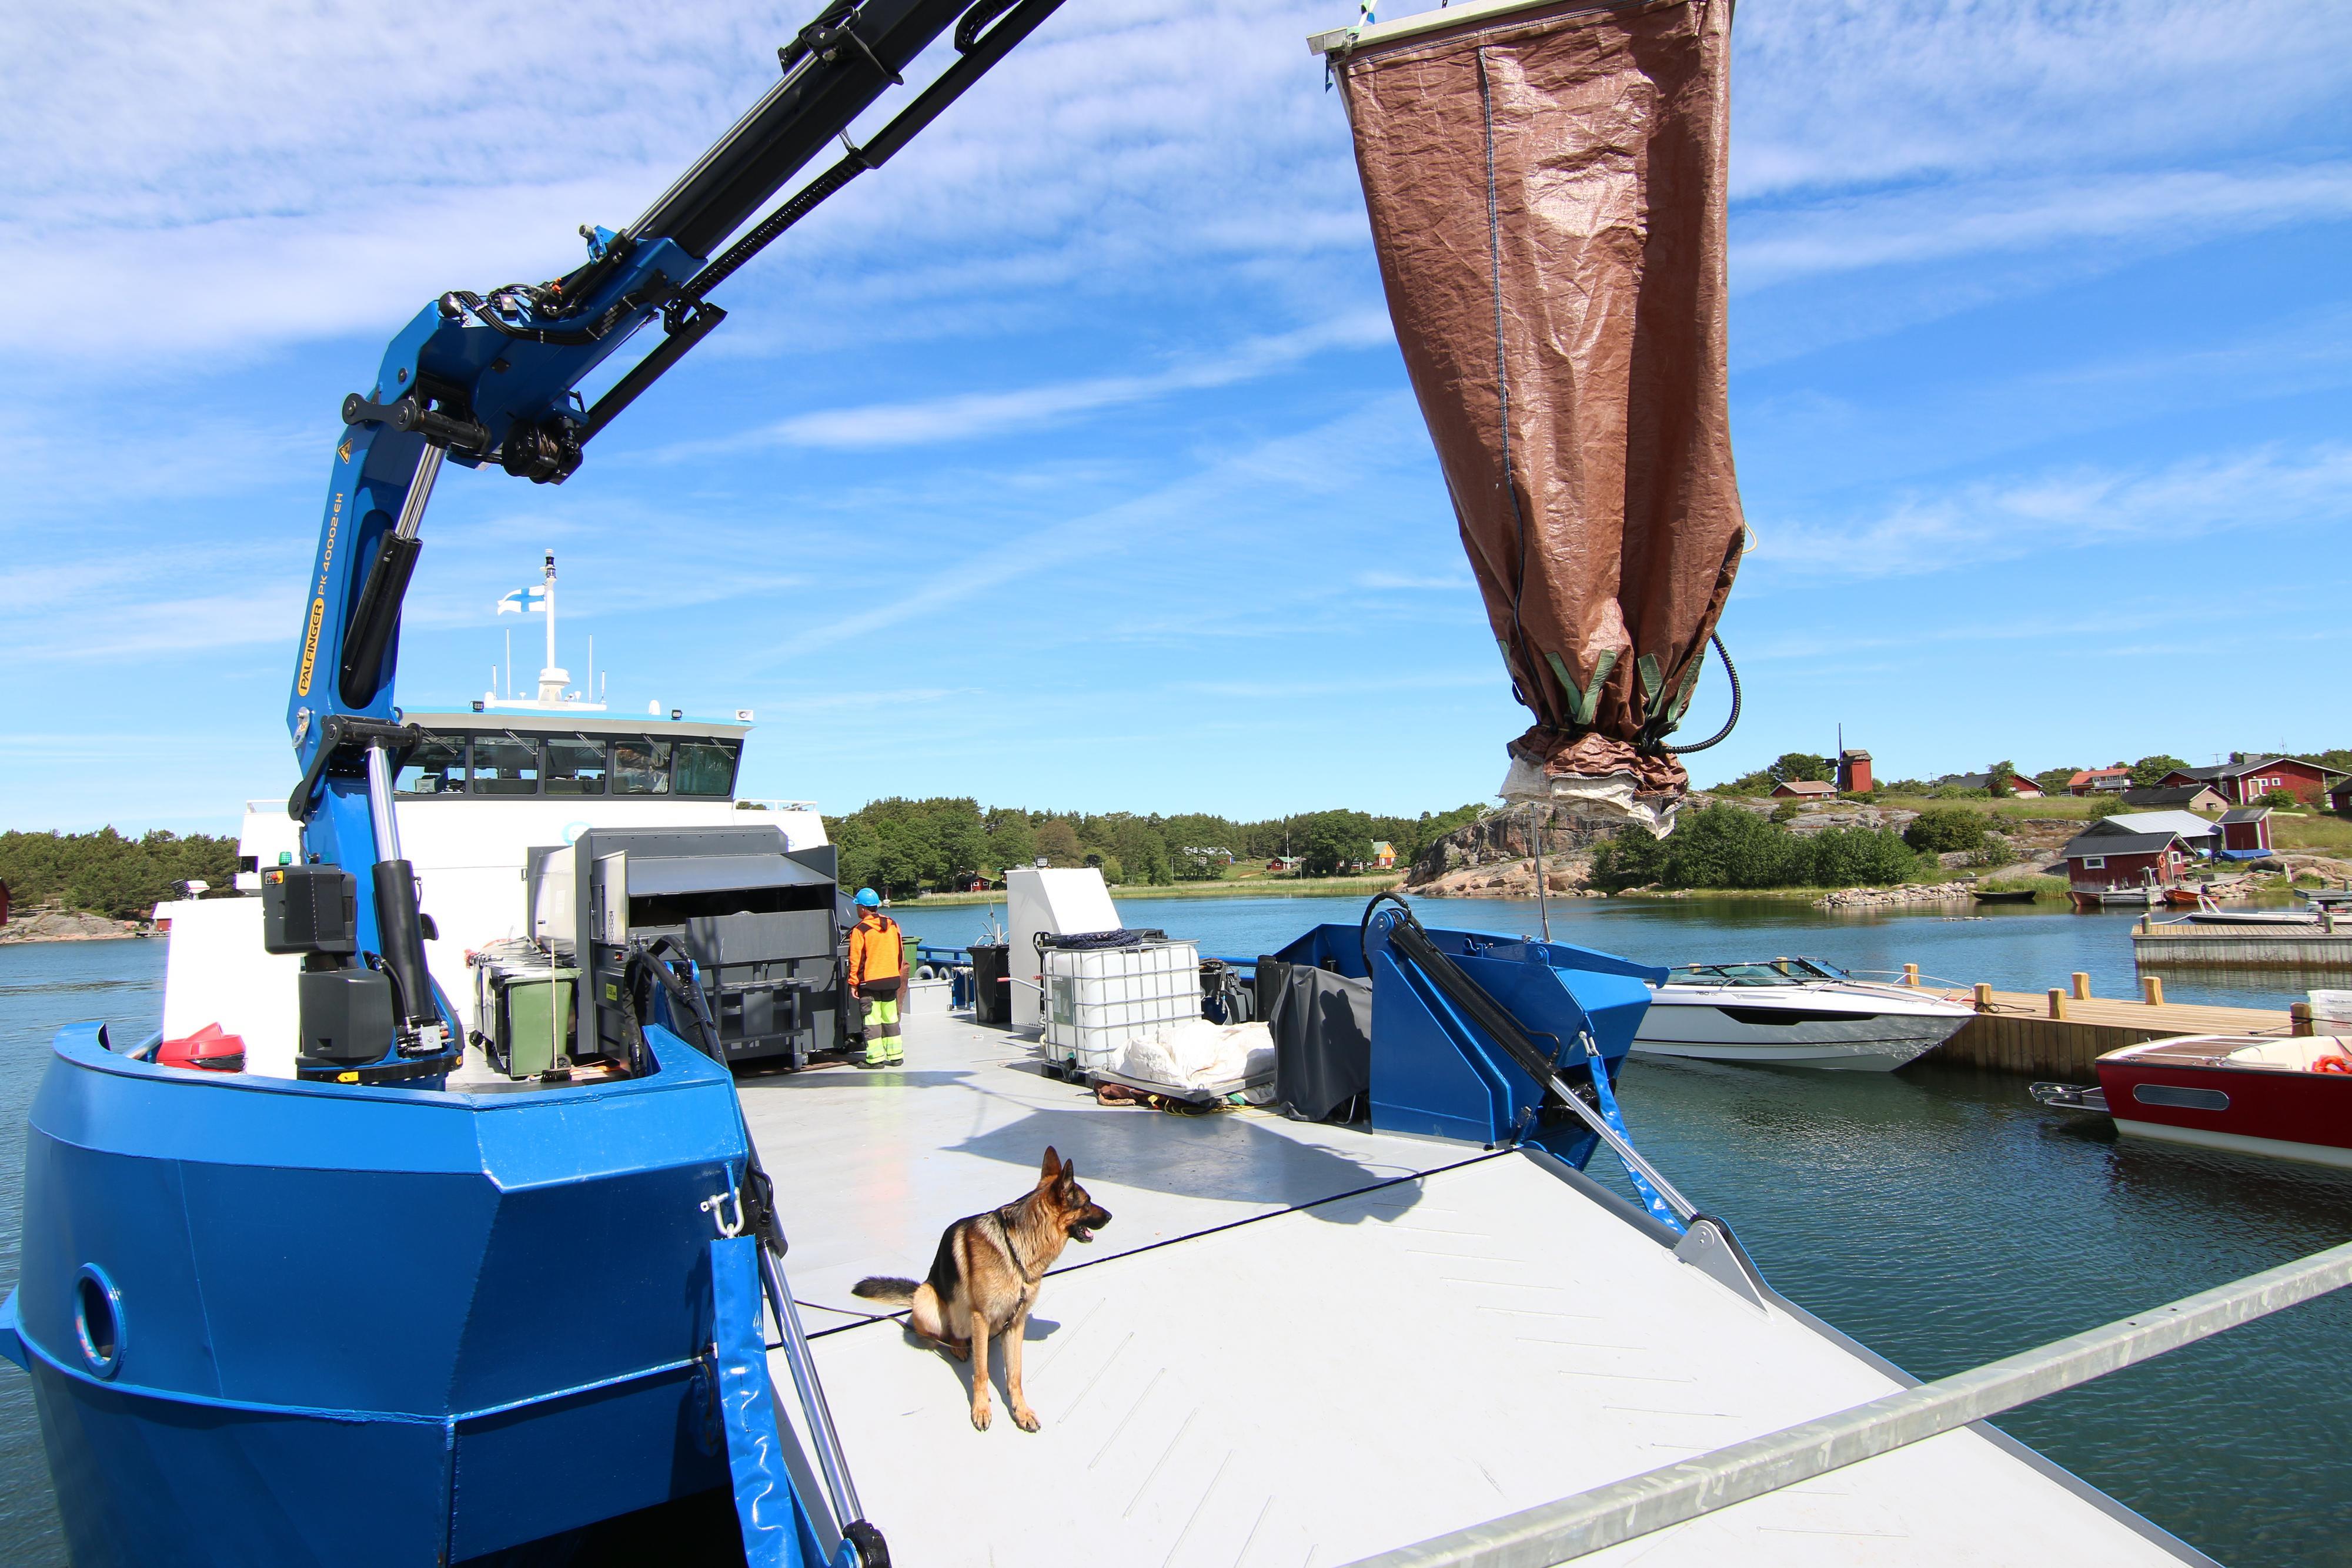 Nosturilla varustetussa veneessä istuu koira.